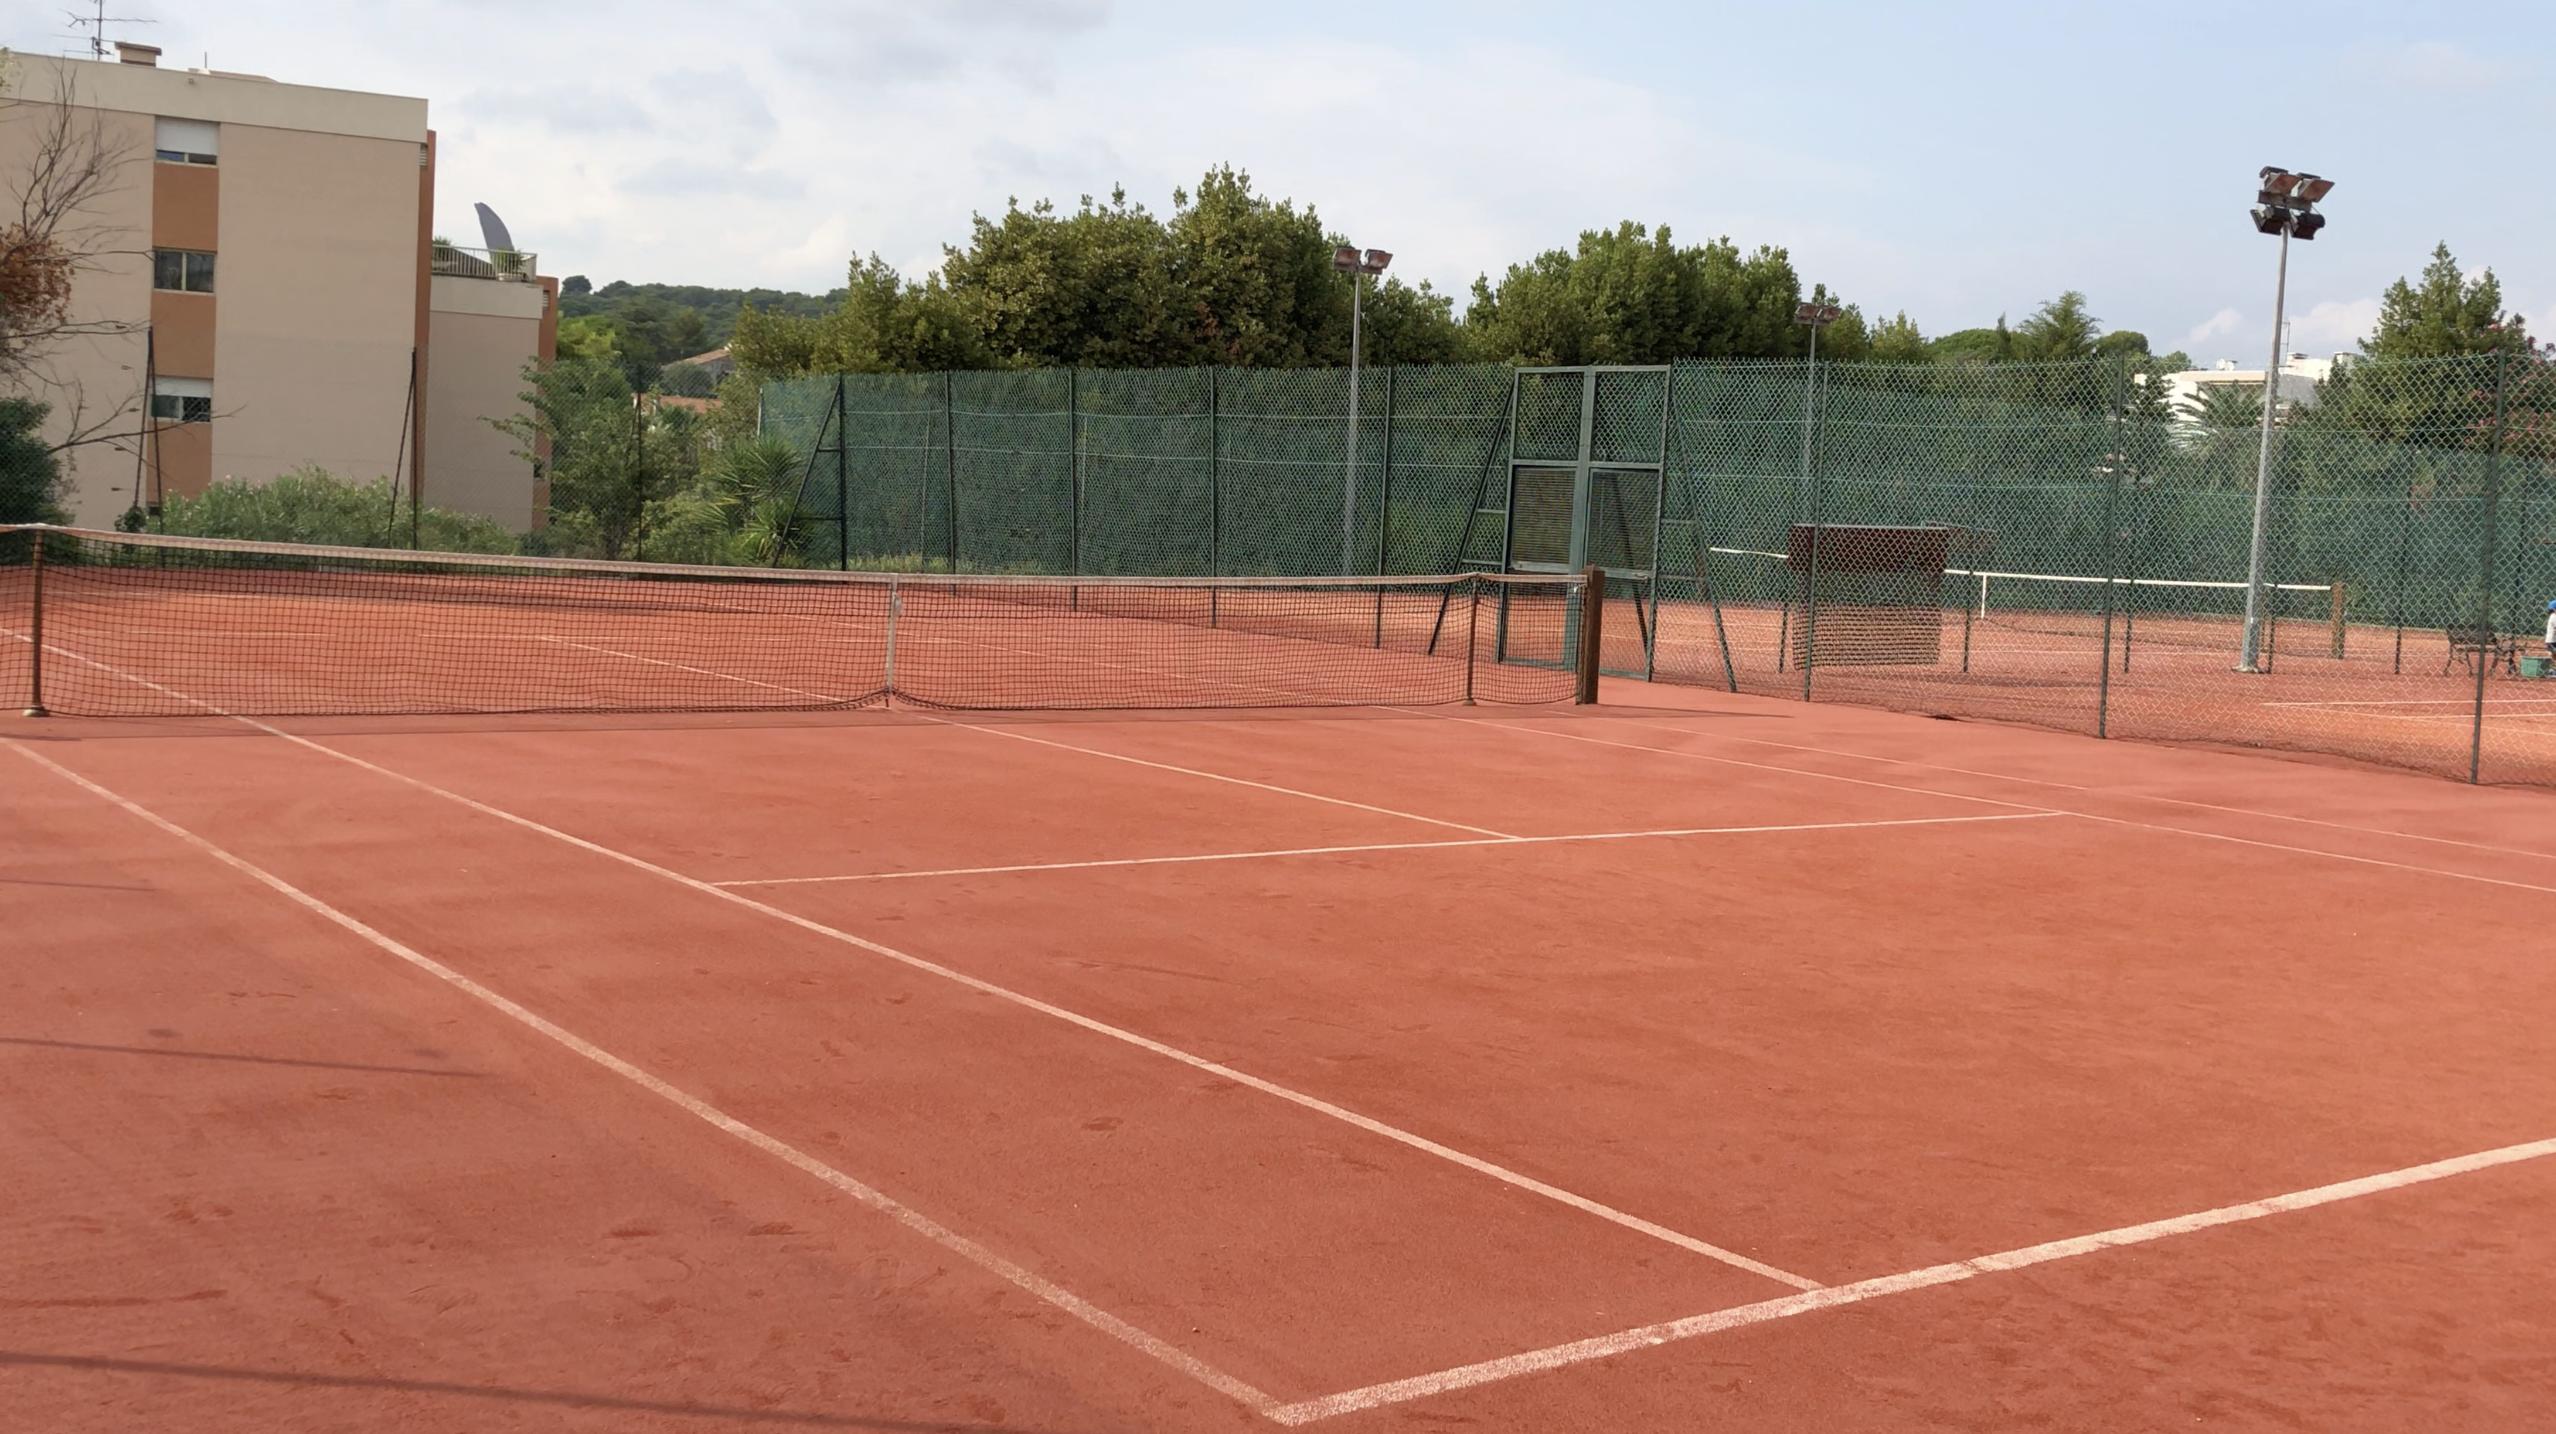 Court tennis club La Roseraie - courst de tennis